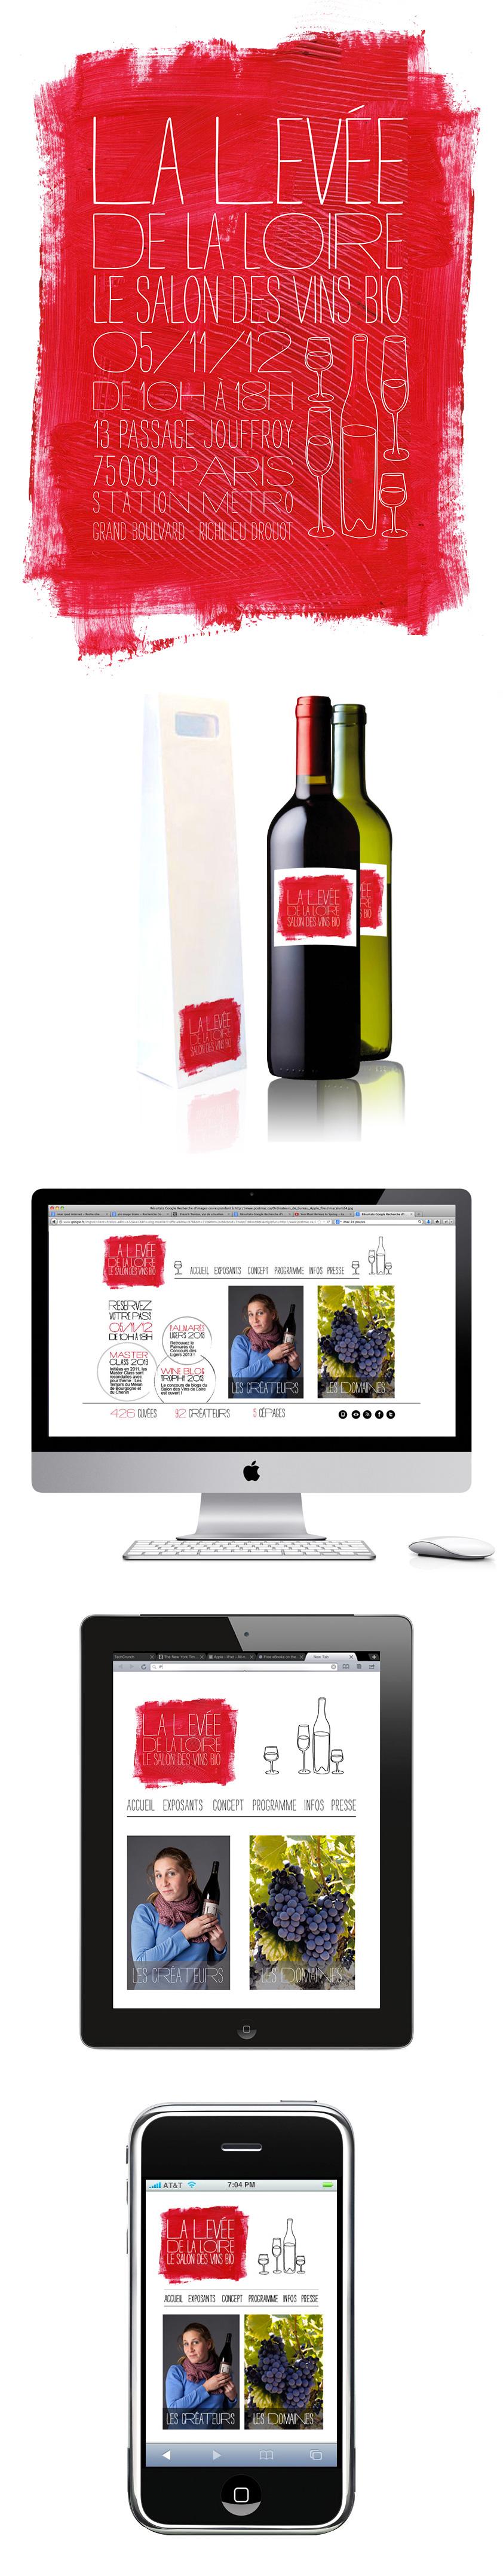 Création de la charte graphique de La Levée de La Loire : affiche, étiquettes de vin, site internet, Ipad, Iphone